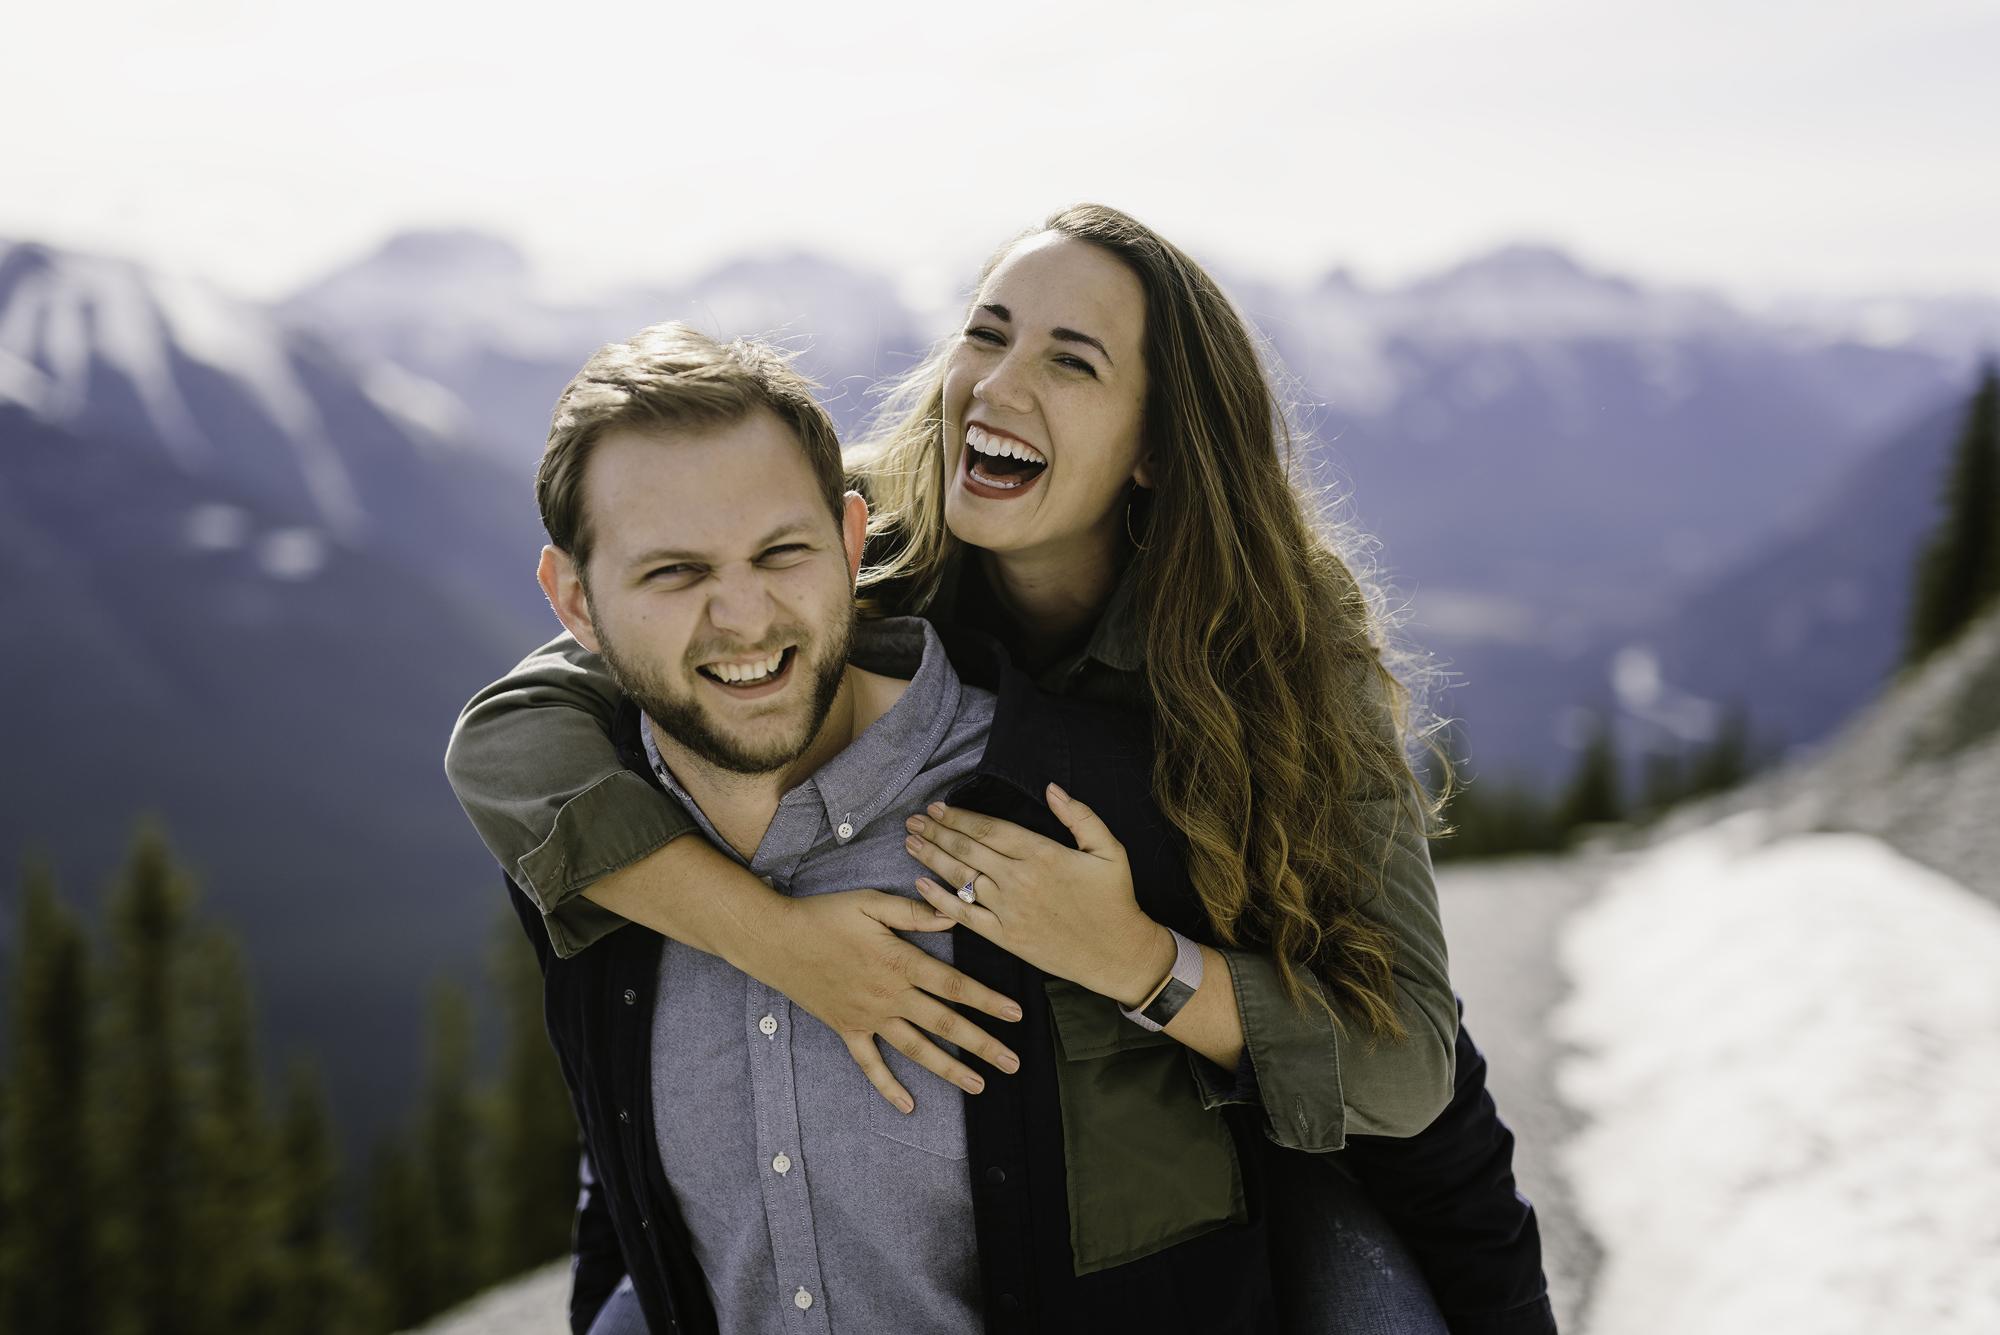 Banff Gondola Engagement Session